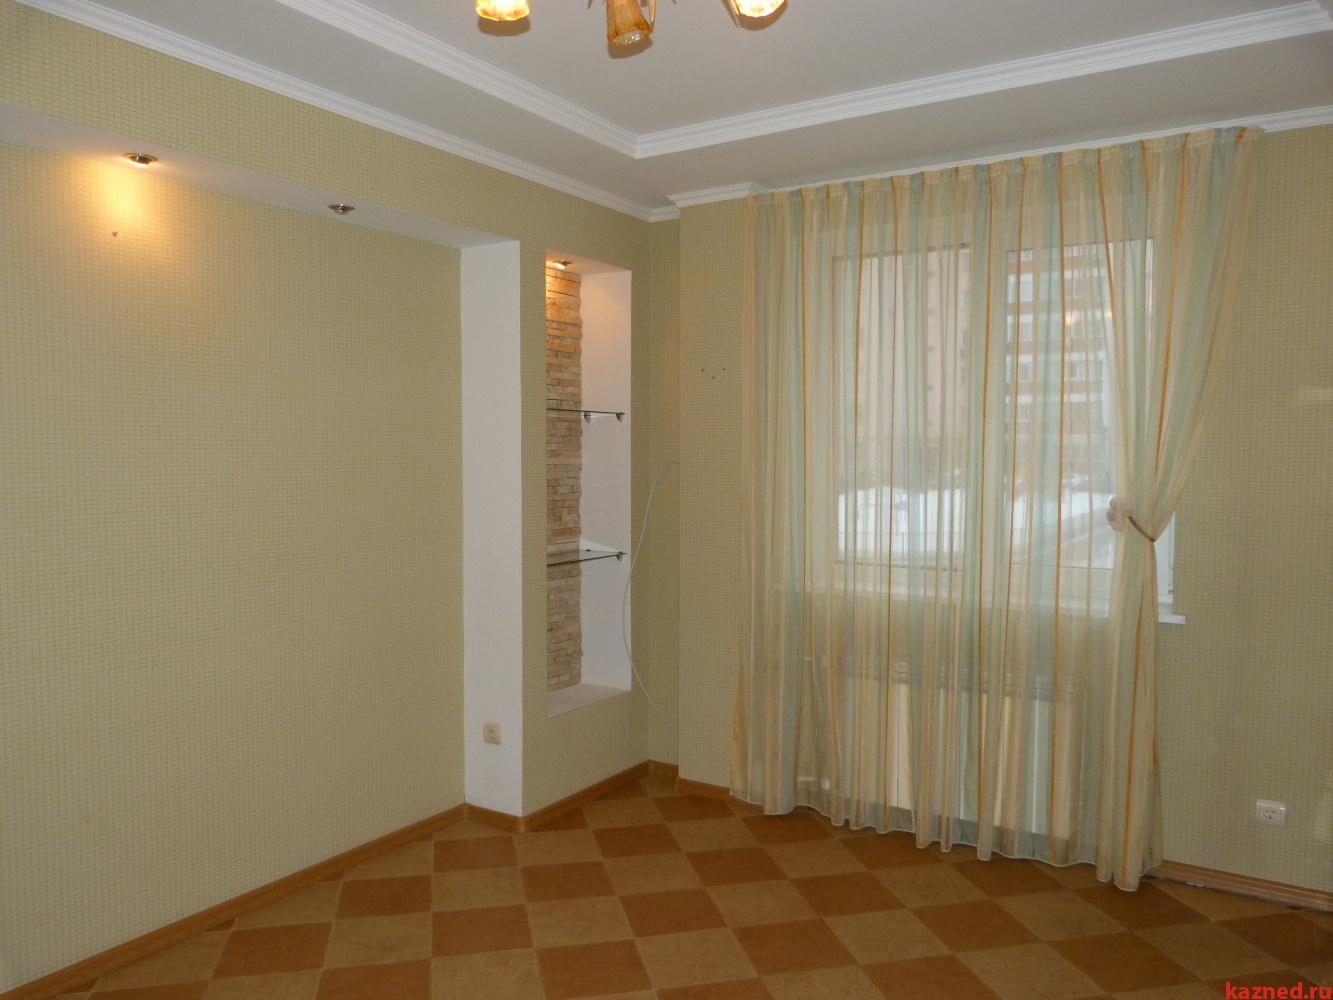 Продажа 2-к квартиры Дубравная 43а, 70 м² (миниатюра №2)